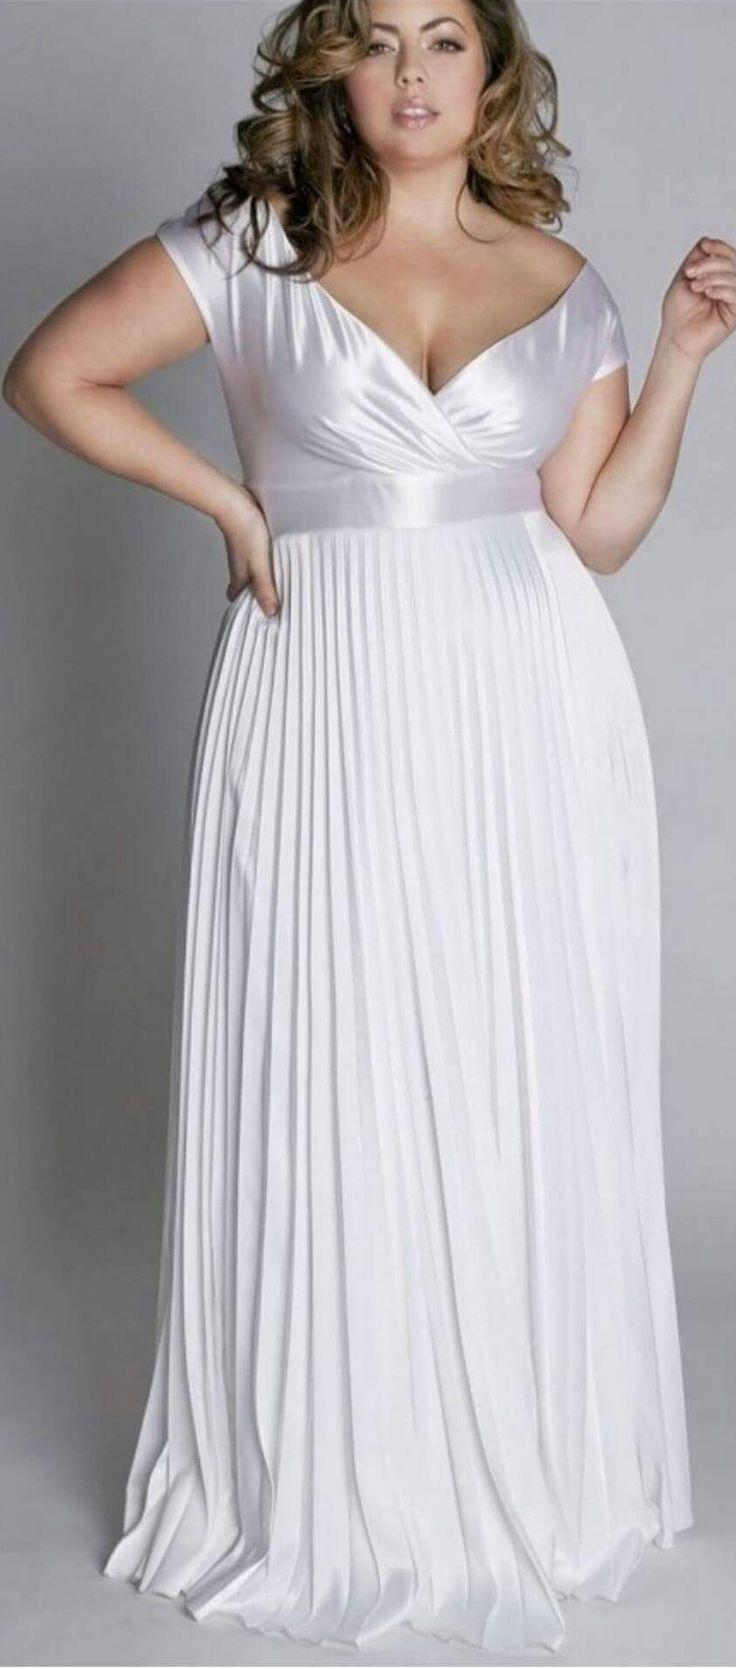 8 best wedding dresses for older brides images on for Best dress for wedding reception